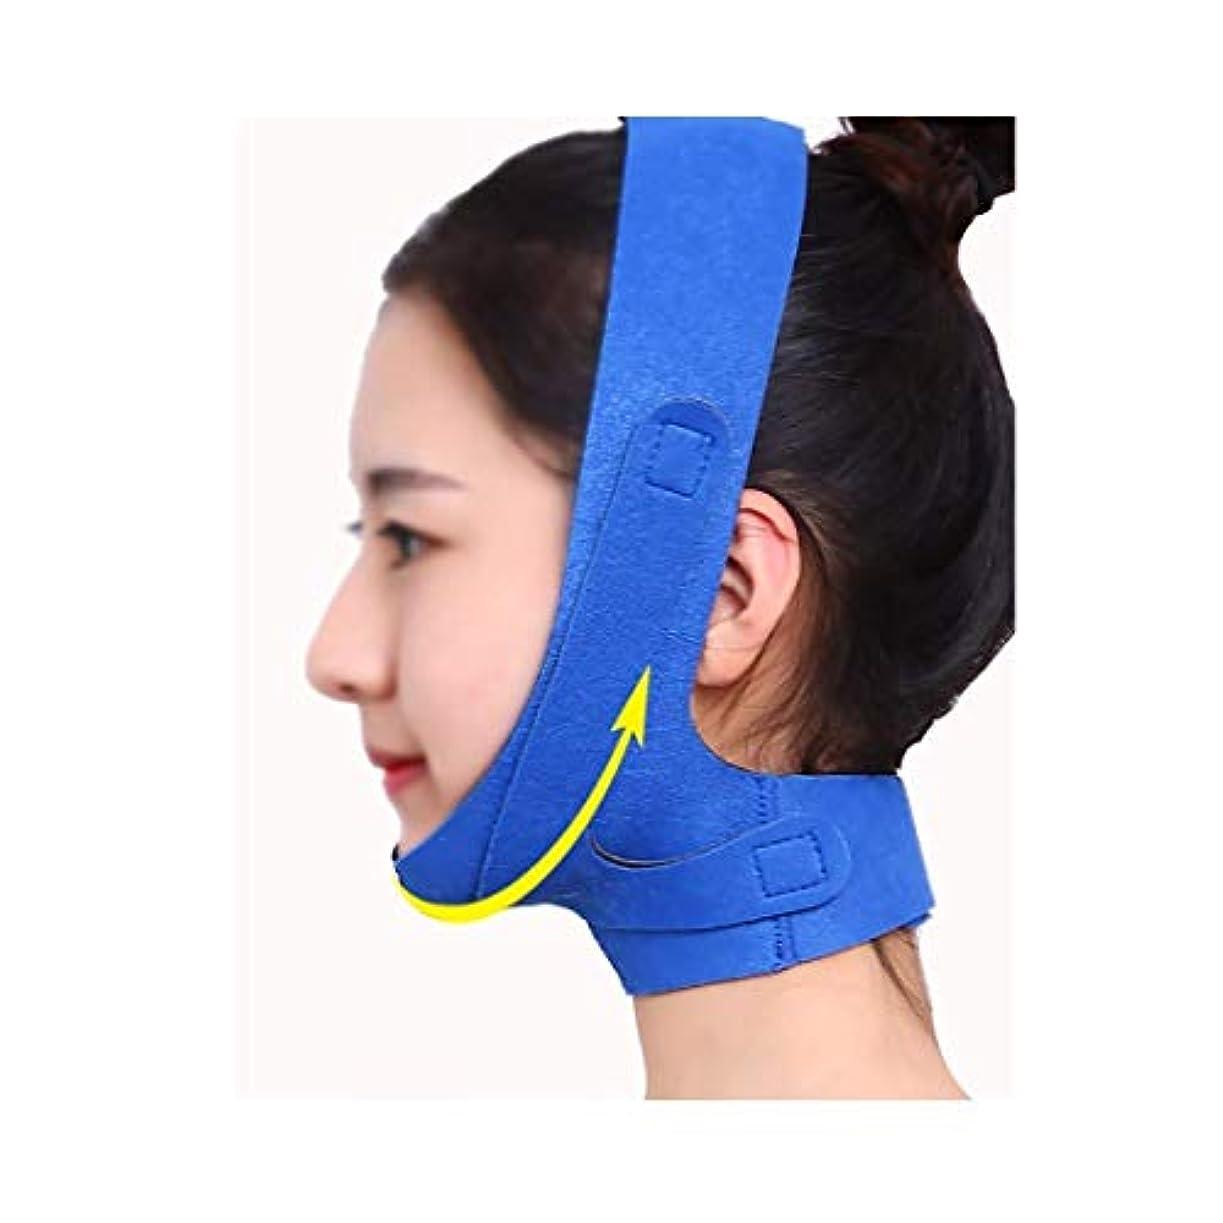 影動詞枝フェイスリフトマスク、チンストラップの回復の包帯の睡眠の薄い顔の包帯の薄いフェイスマスクフェイスリフトの美のマスクの包帯の青いフェイスマスクが付いている小さいVの顔を高めるフェイスリフトのアーティファクト